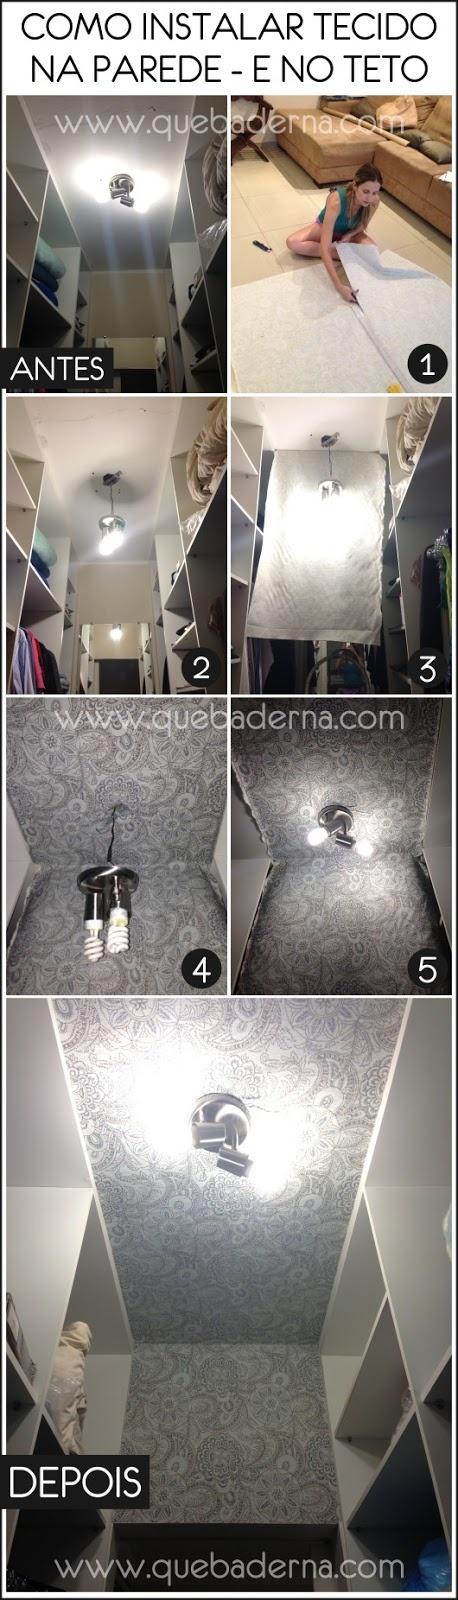 instalação de tecido no teto e na parede